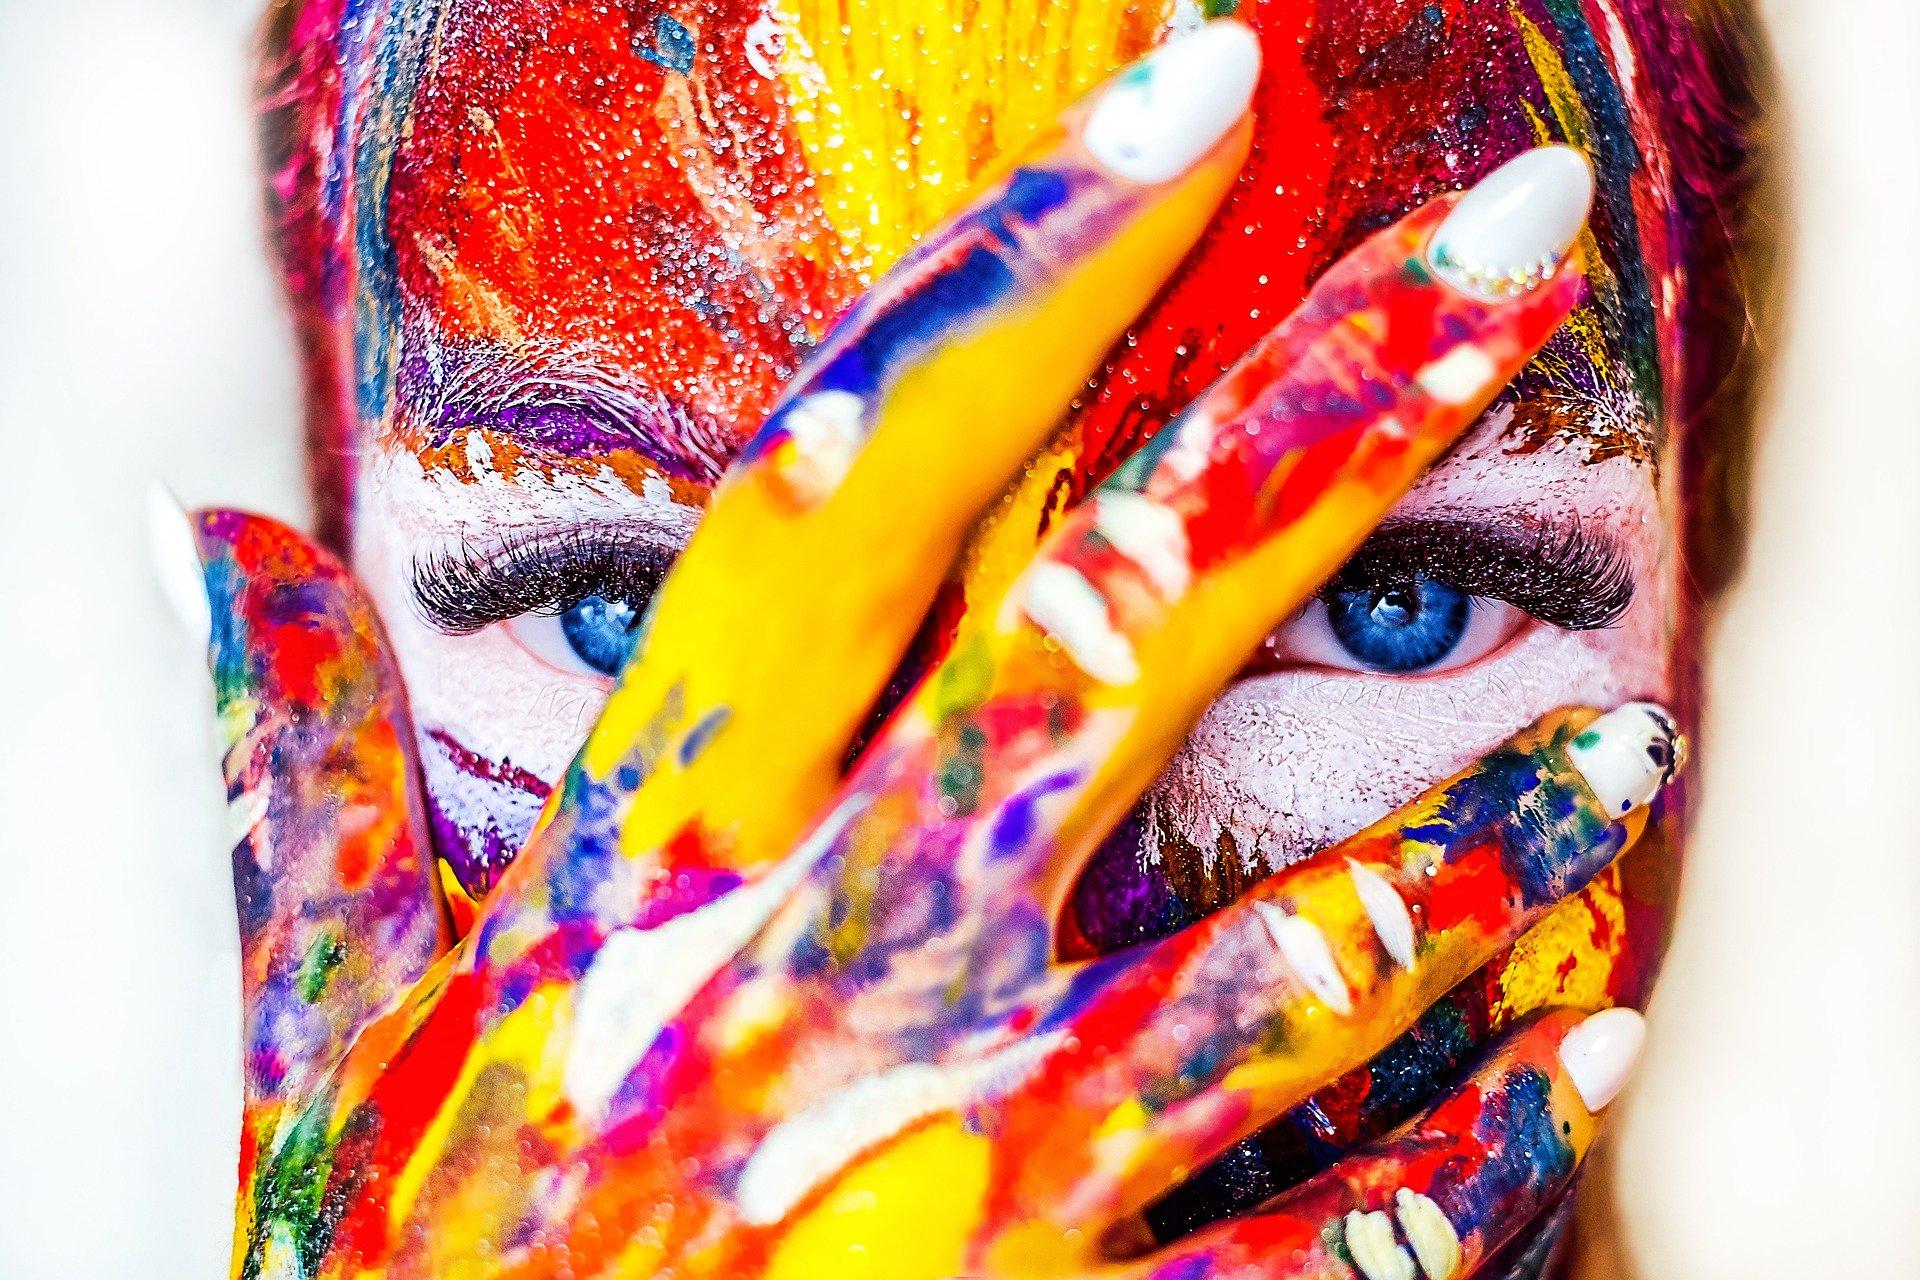 Vivre de sa passion, l'écriture, le dessin et la peinture